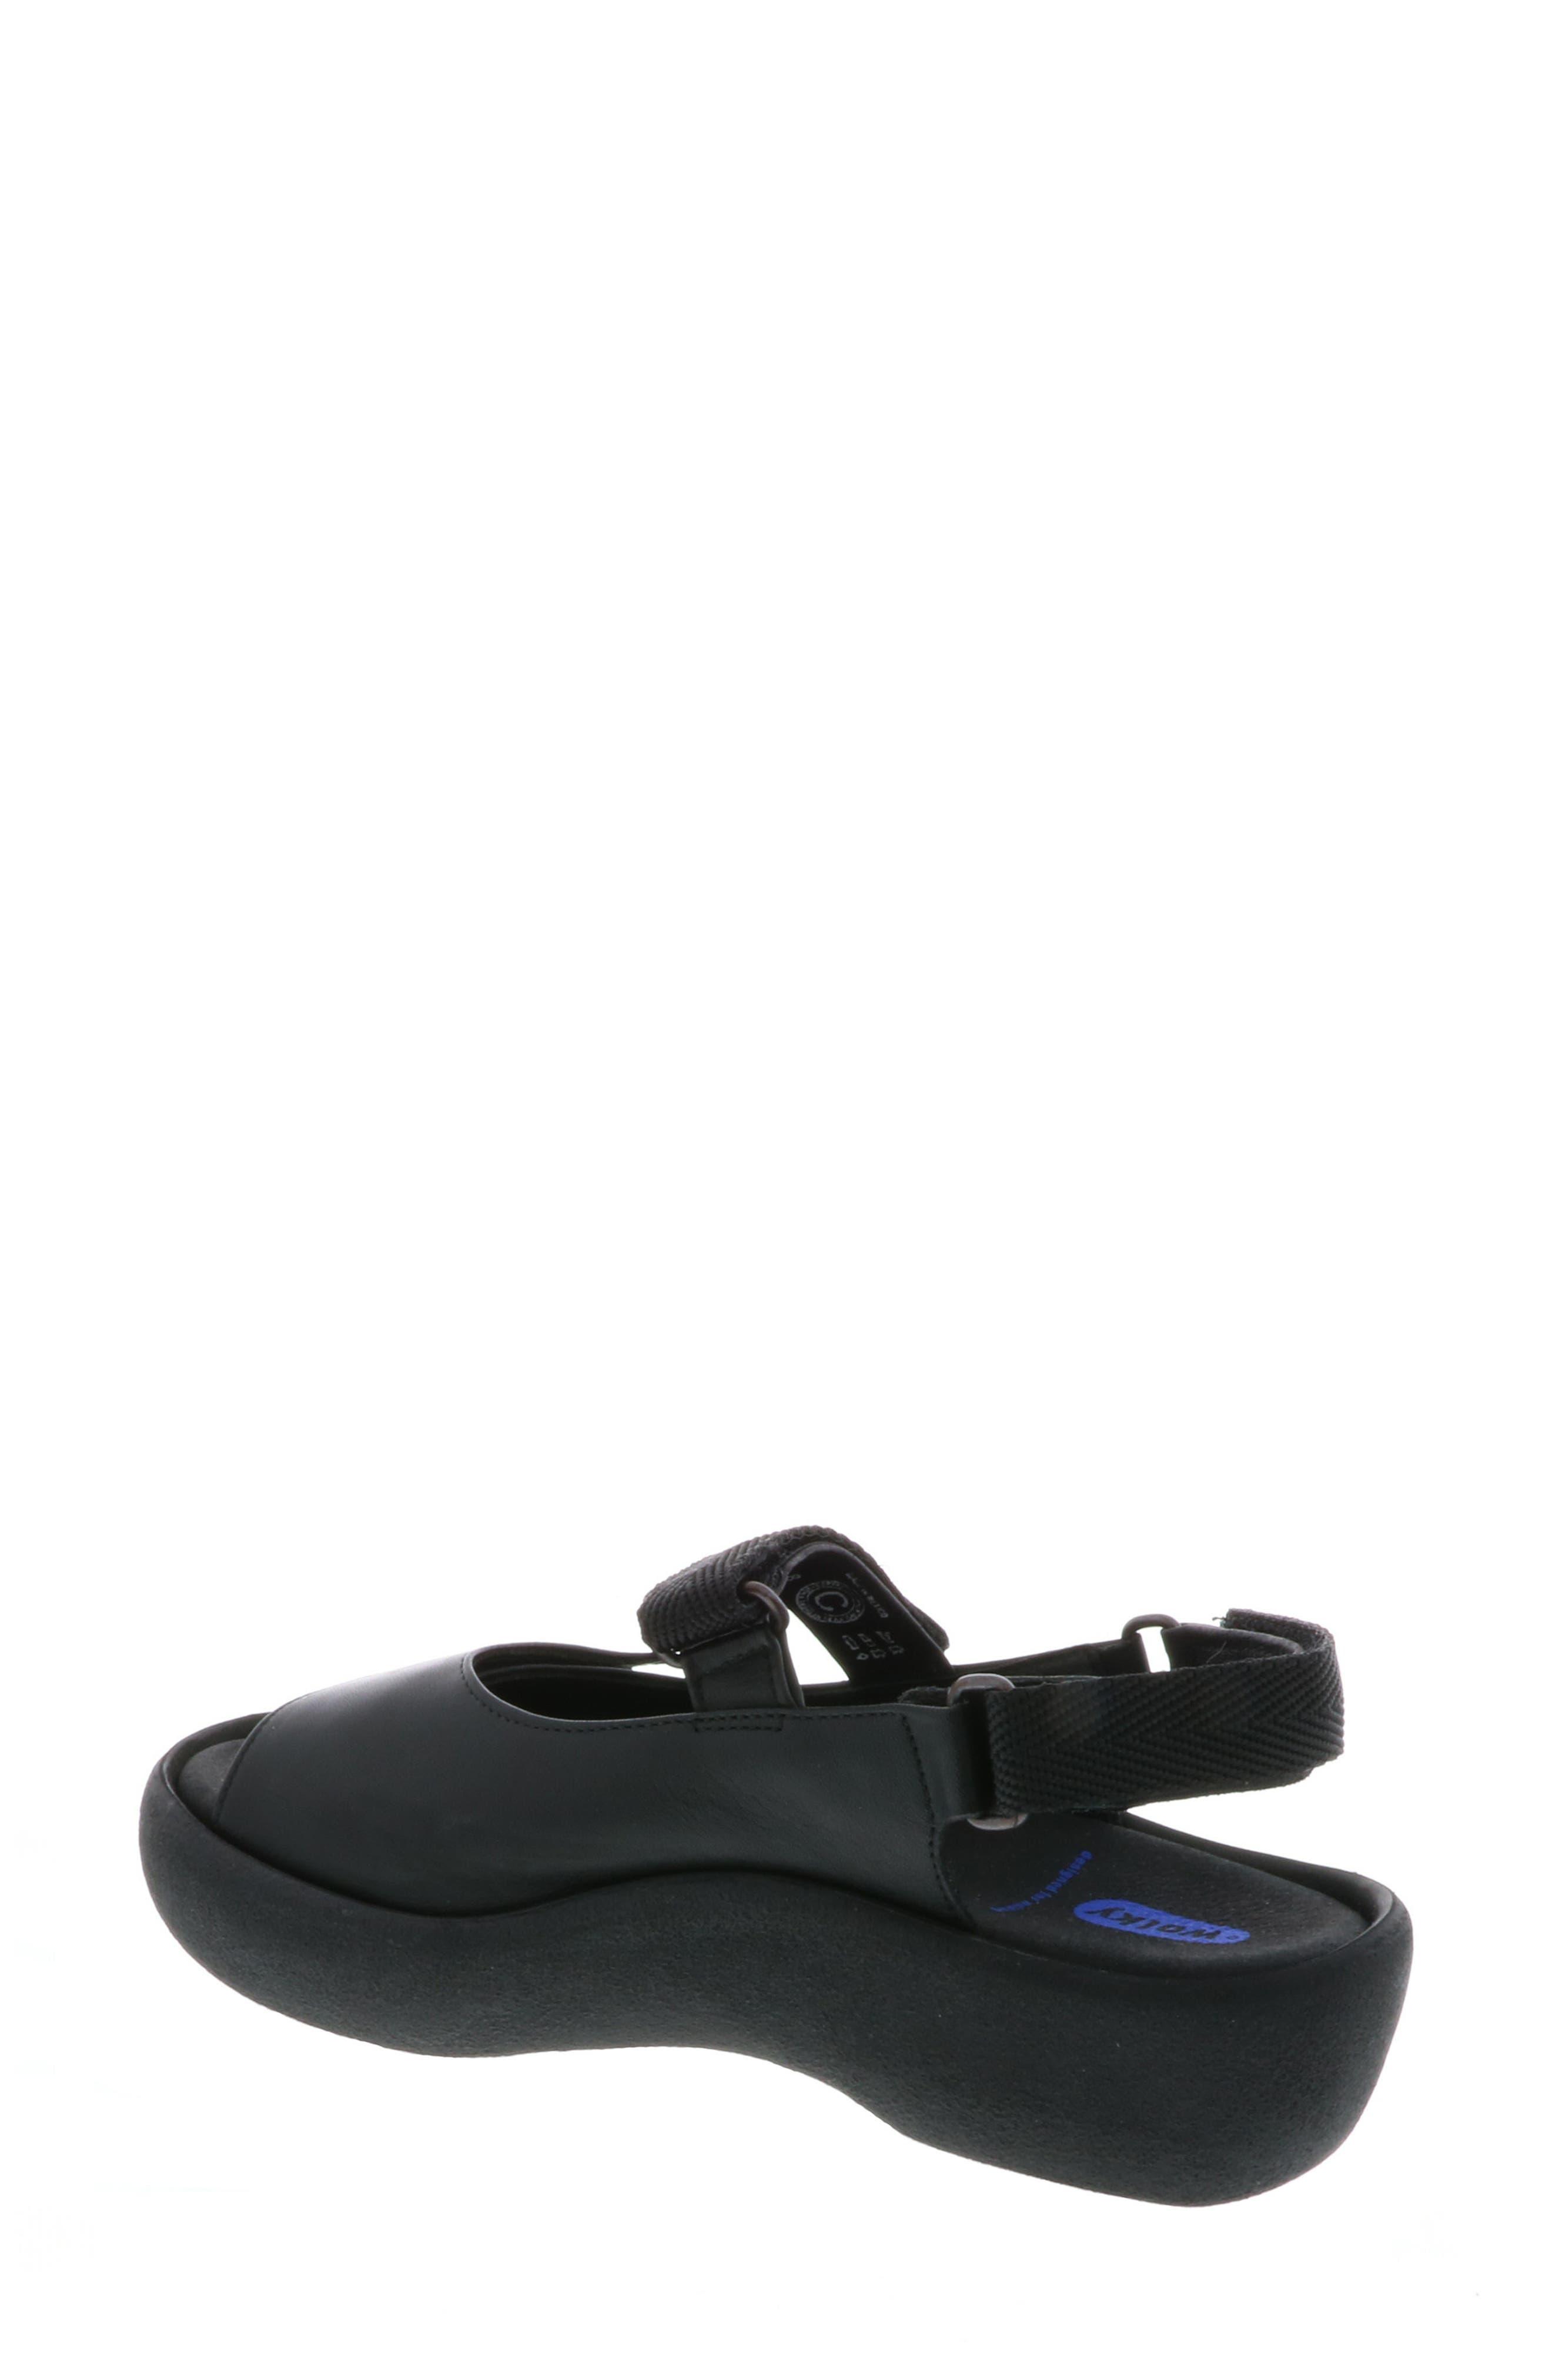 Jewel Sport Sandal,                             Alternate thumbnail 2, color,                             BLACK/ BLACK